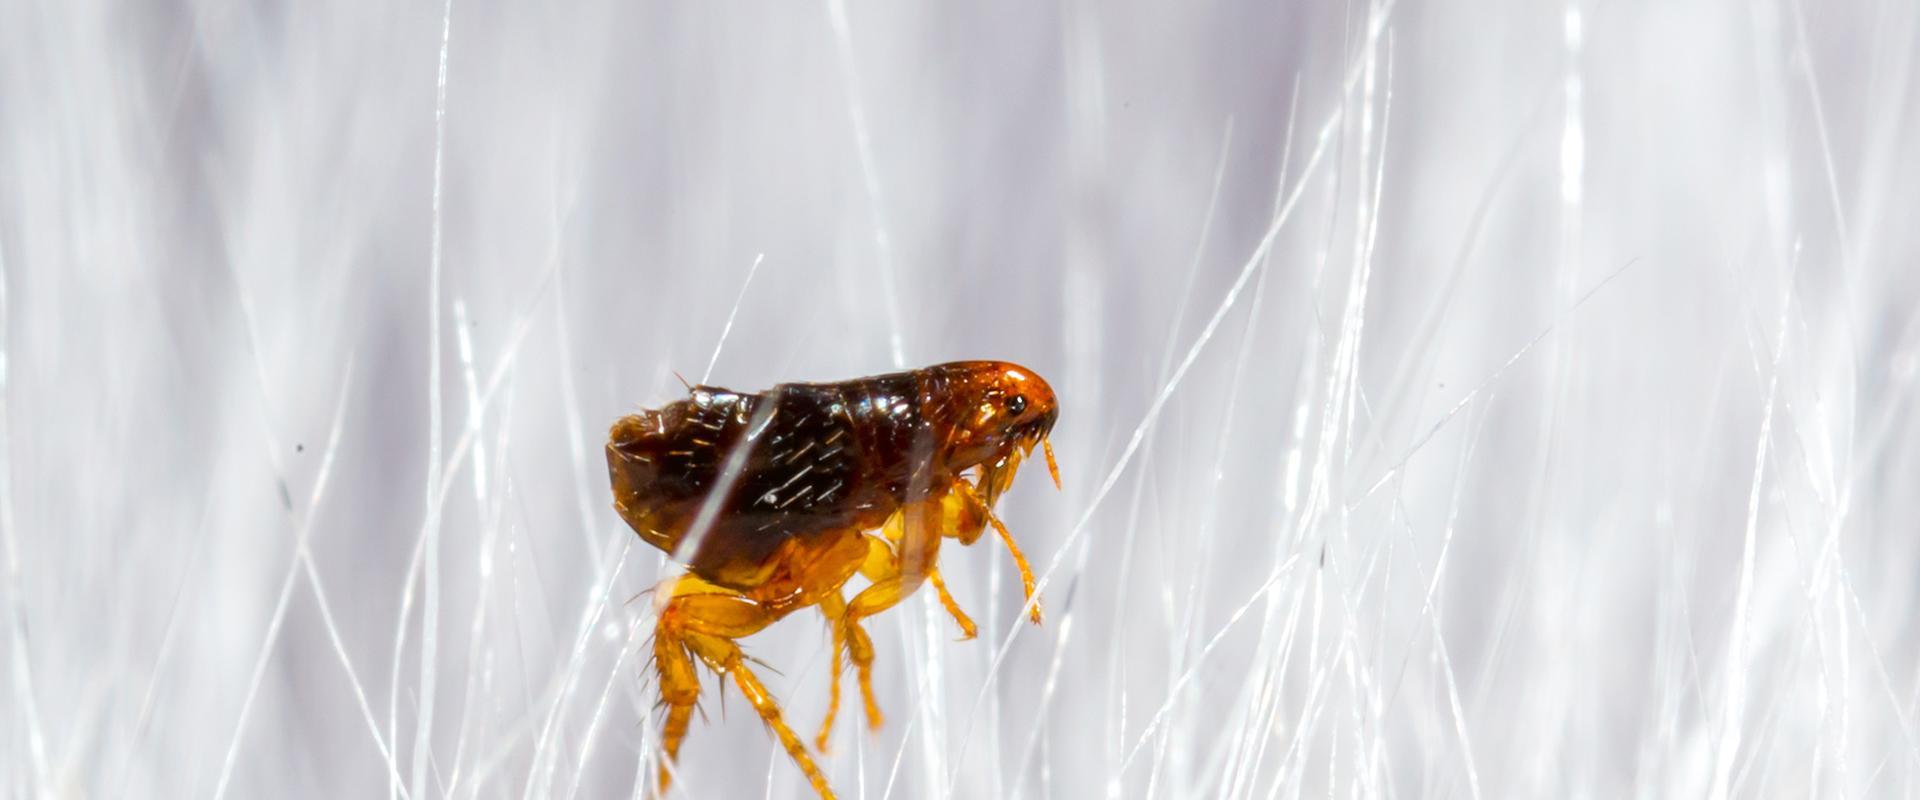 a flea in white dog hair